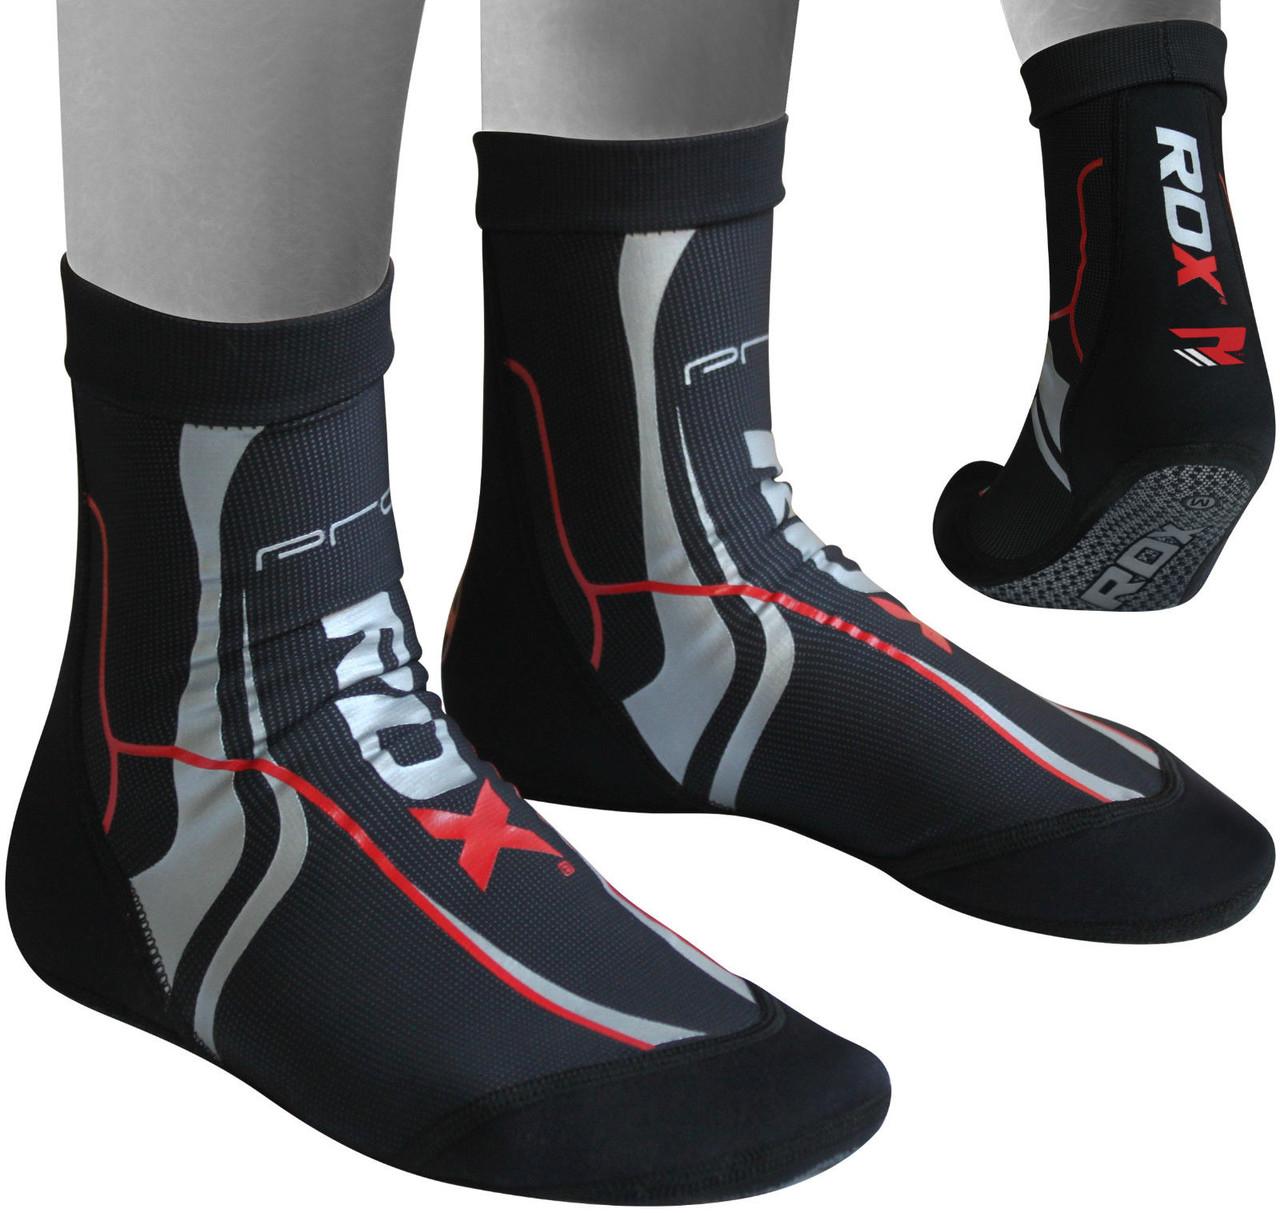 Носки для греплинга RDX L/XL